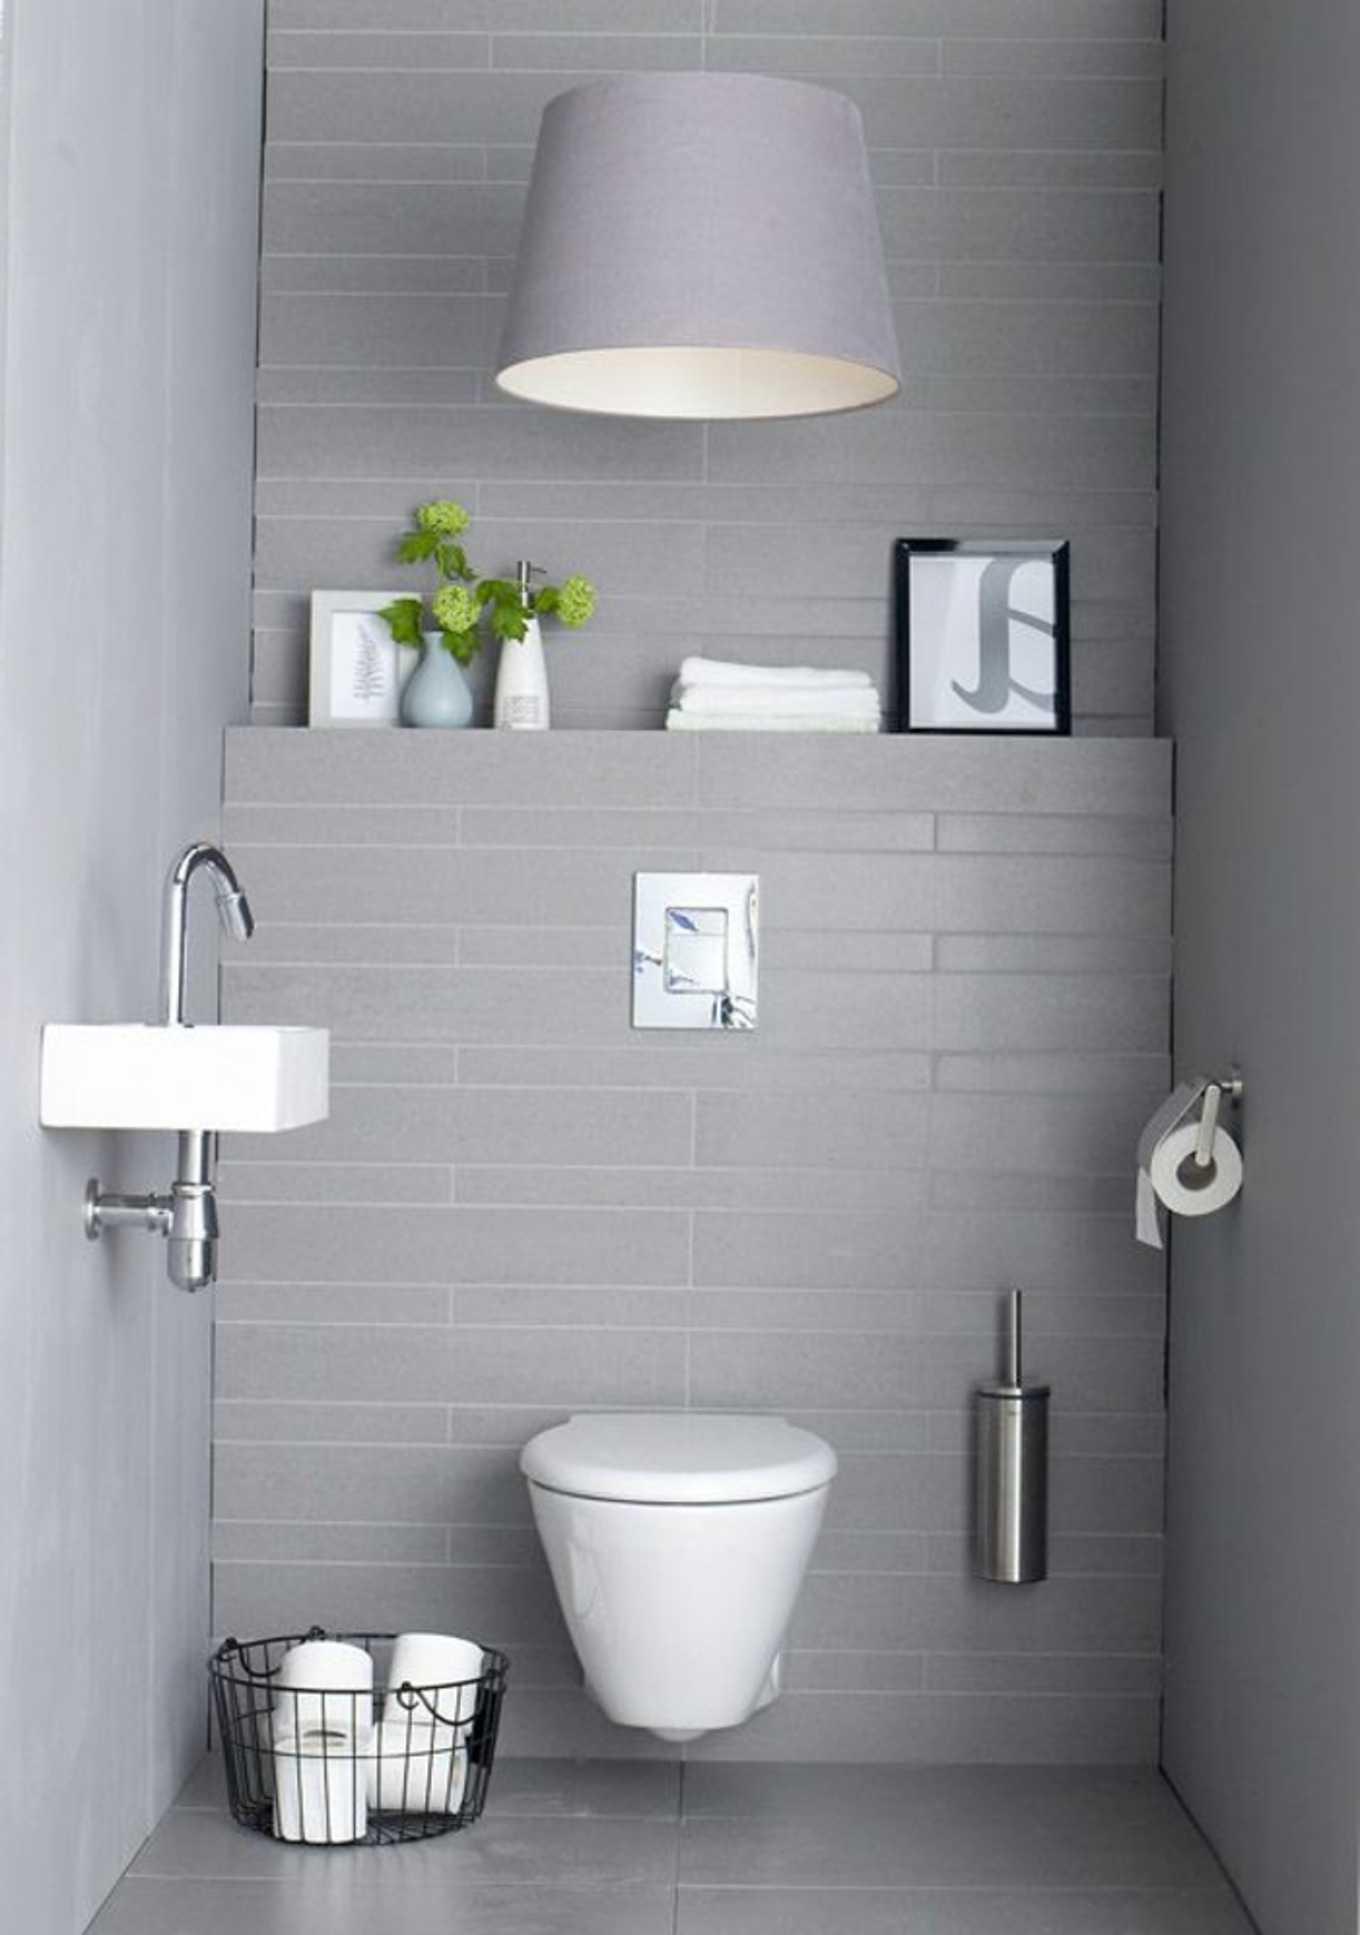 Carrelage gris salle de bain pas cher - Mobilier de salle de bain pas cher ...